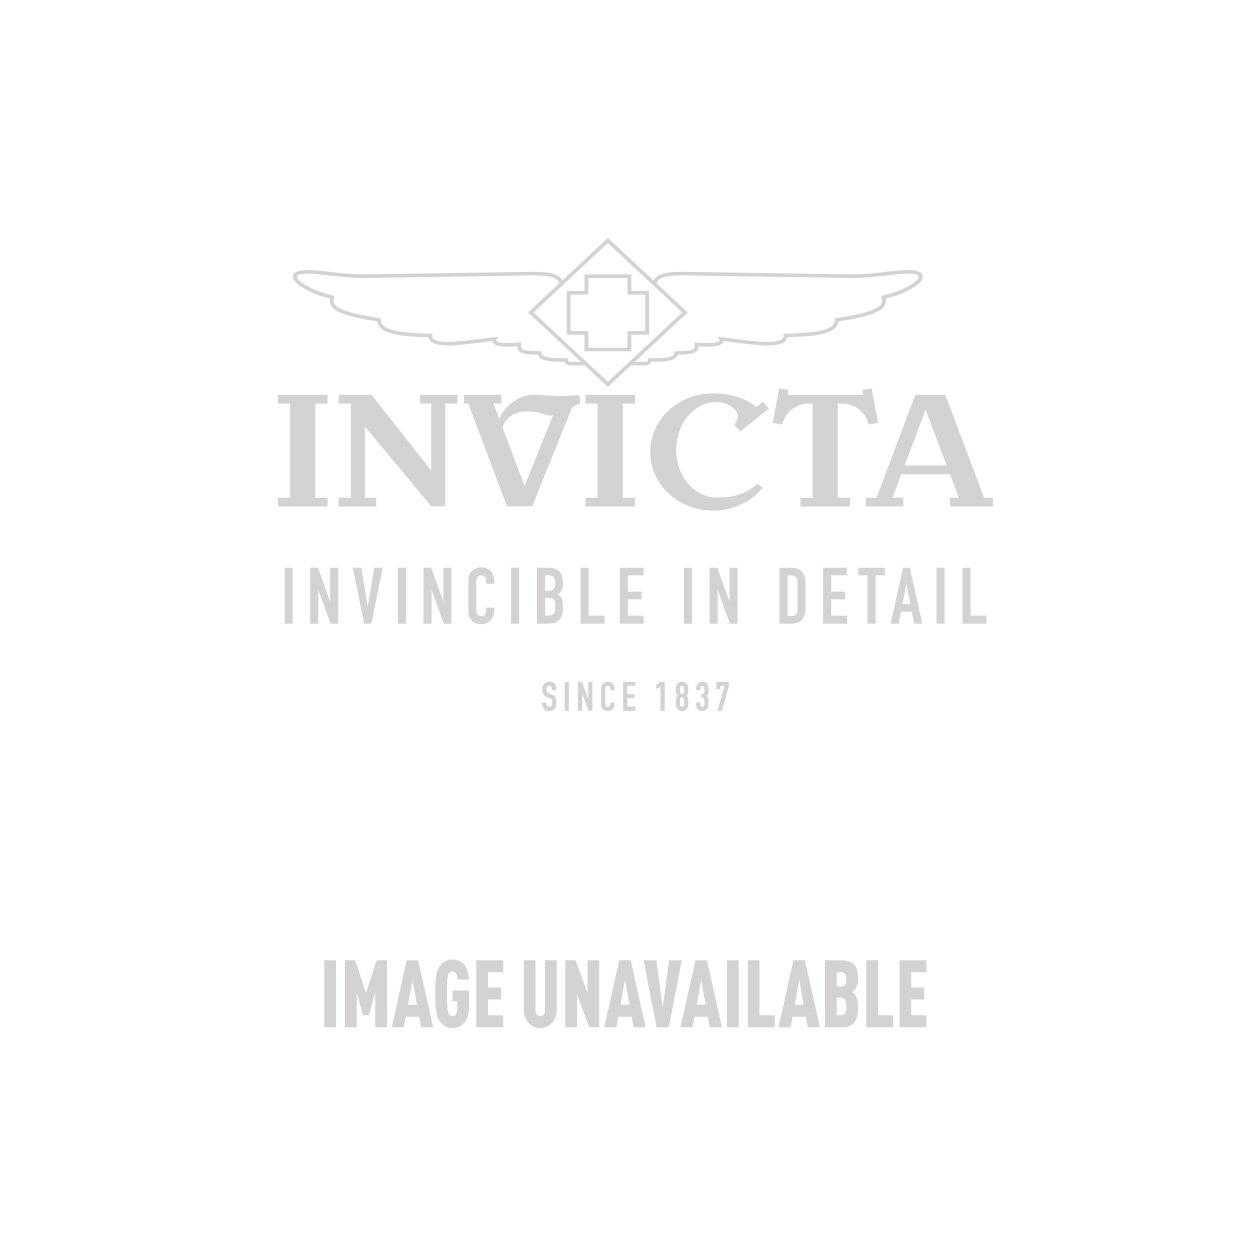 Invicta Model 29486